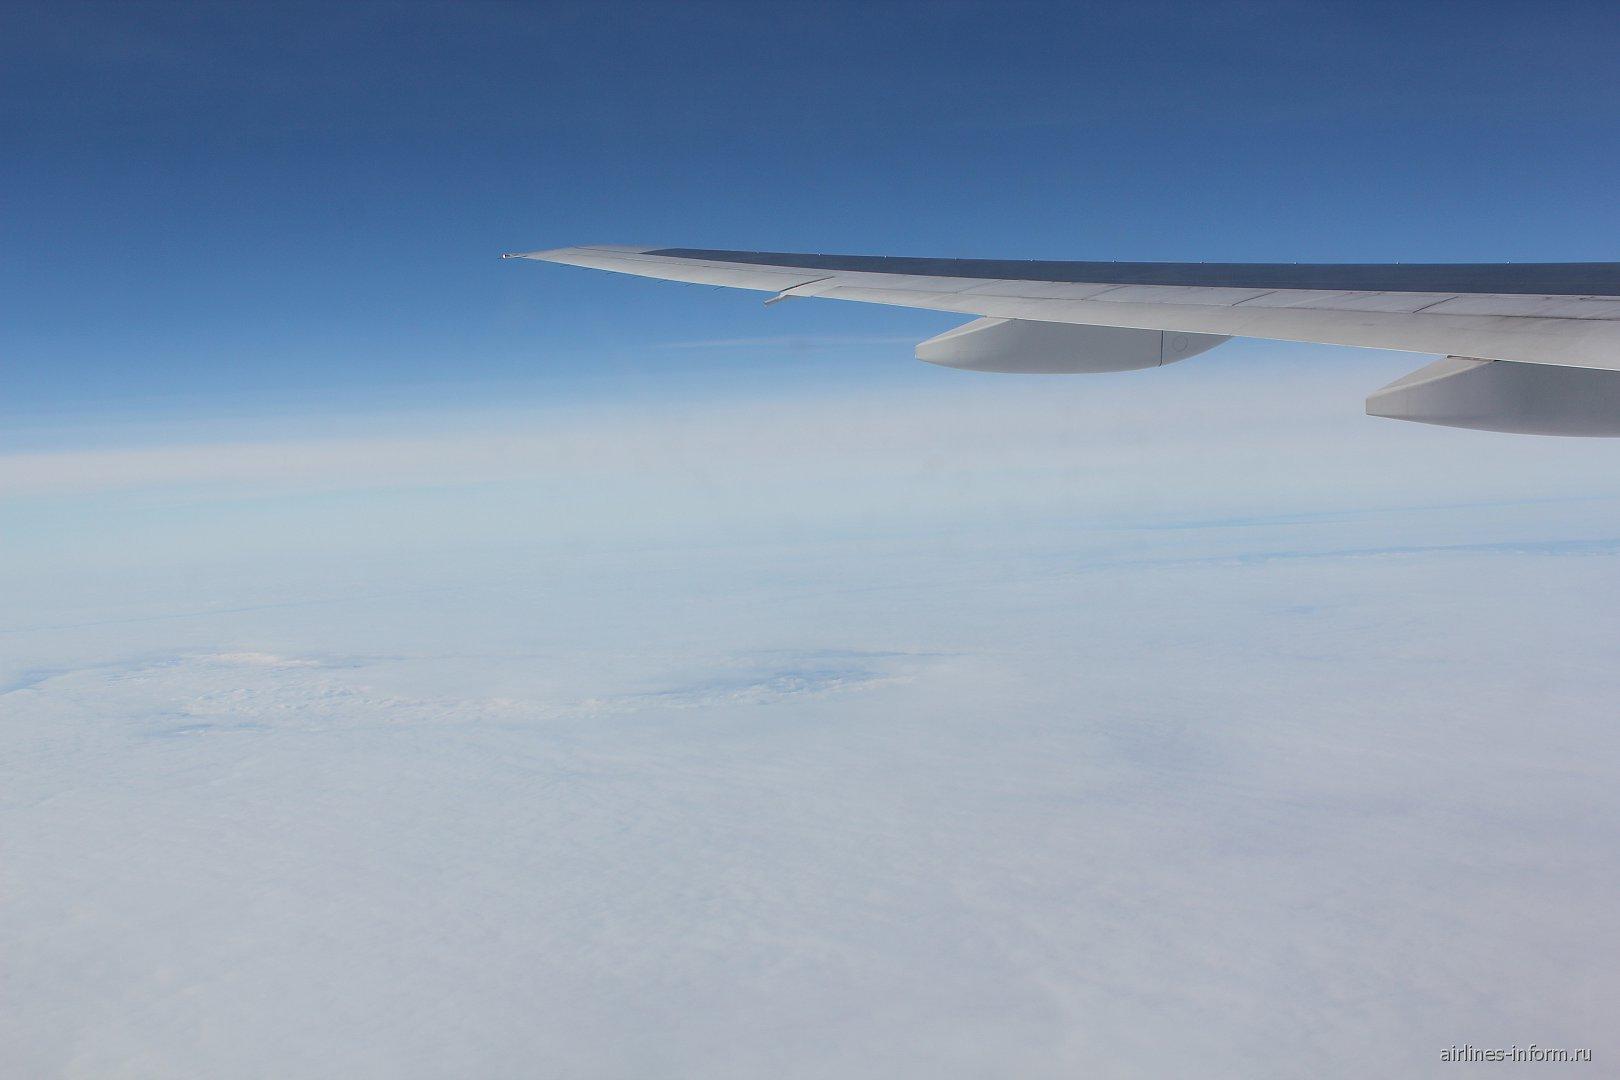 Рейс Новосибирск-Москва авиакомпании Трансаэро